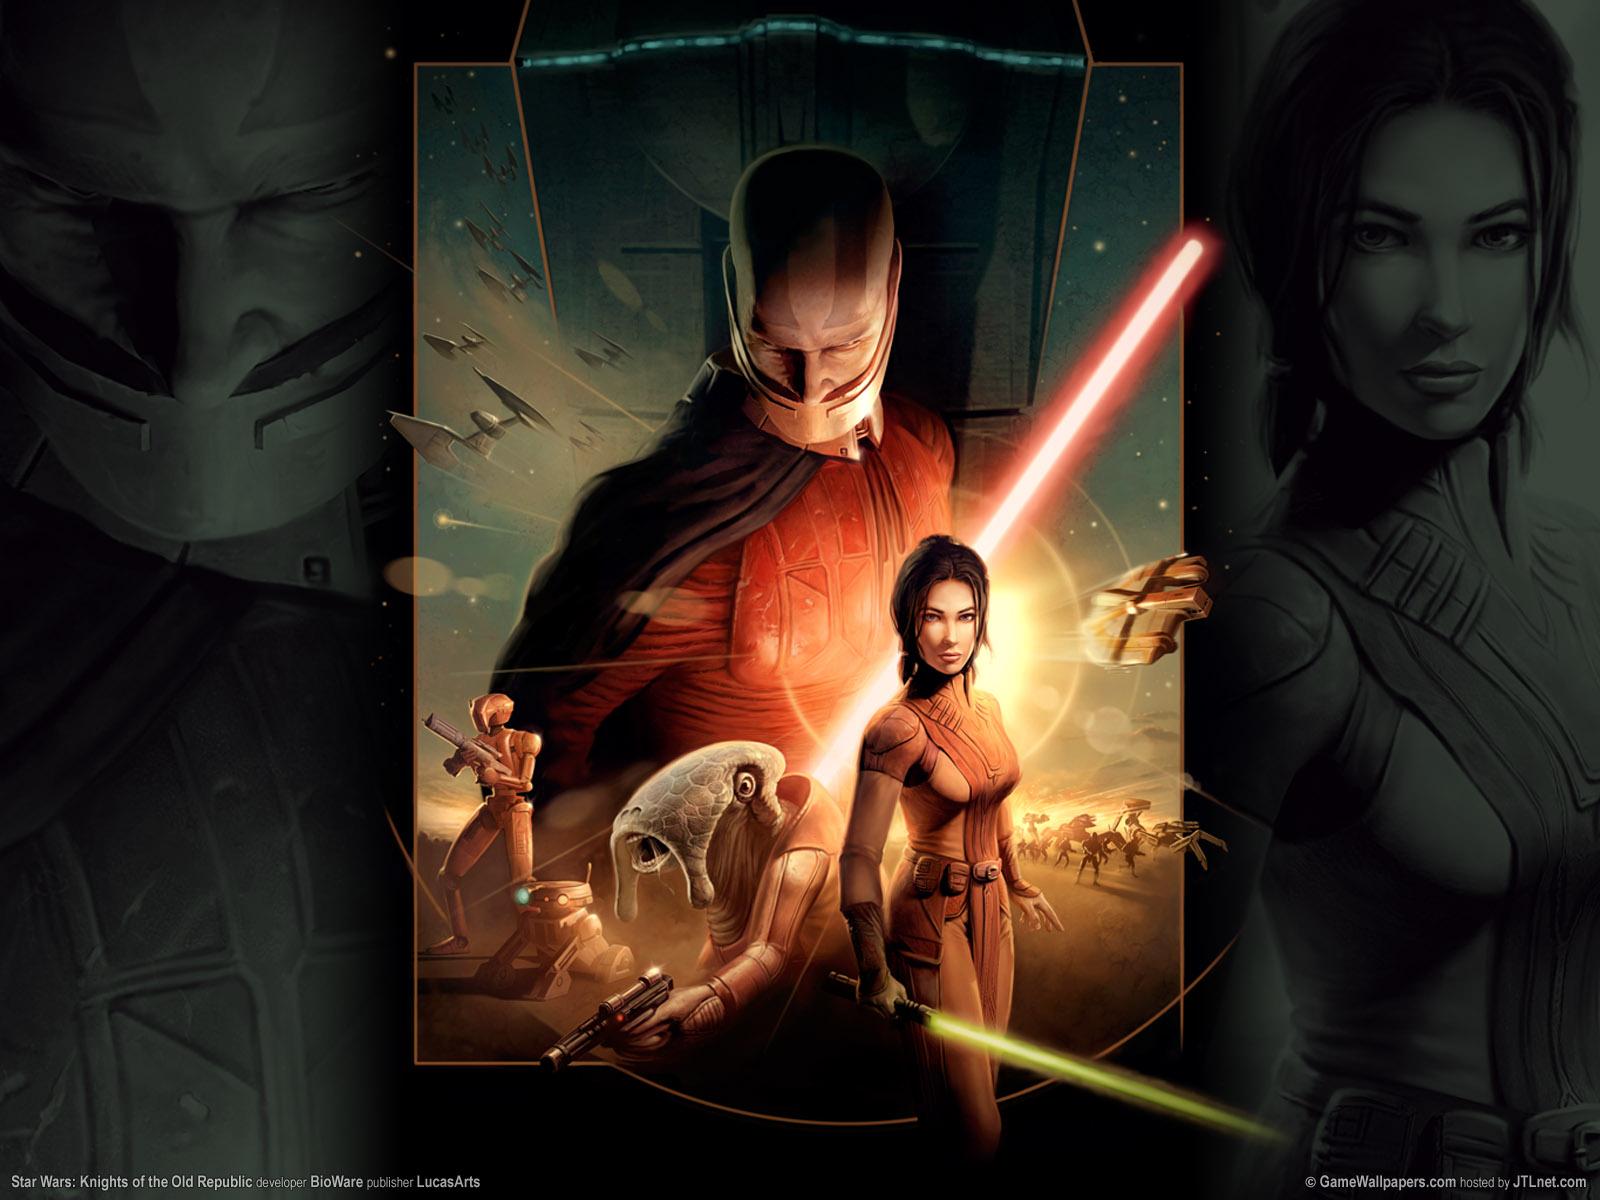 Critique « Star Wars : Knights of the Old Republic » (2003)  : Retour sur un jeu culte !